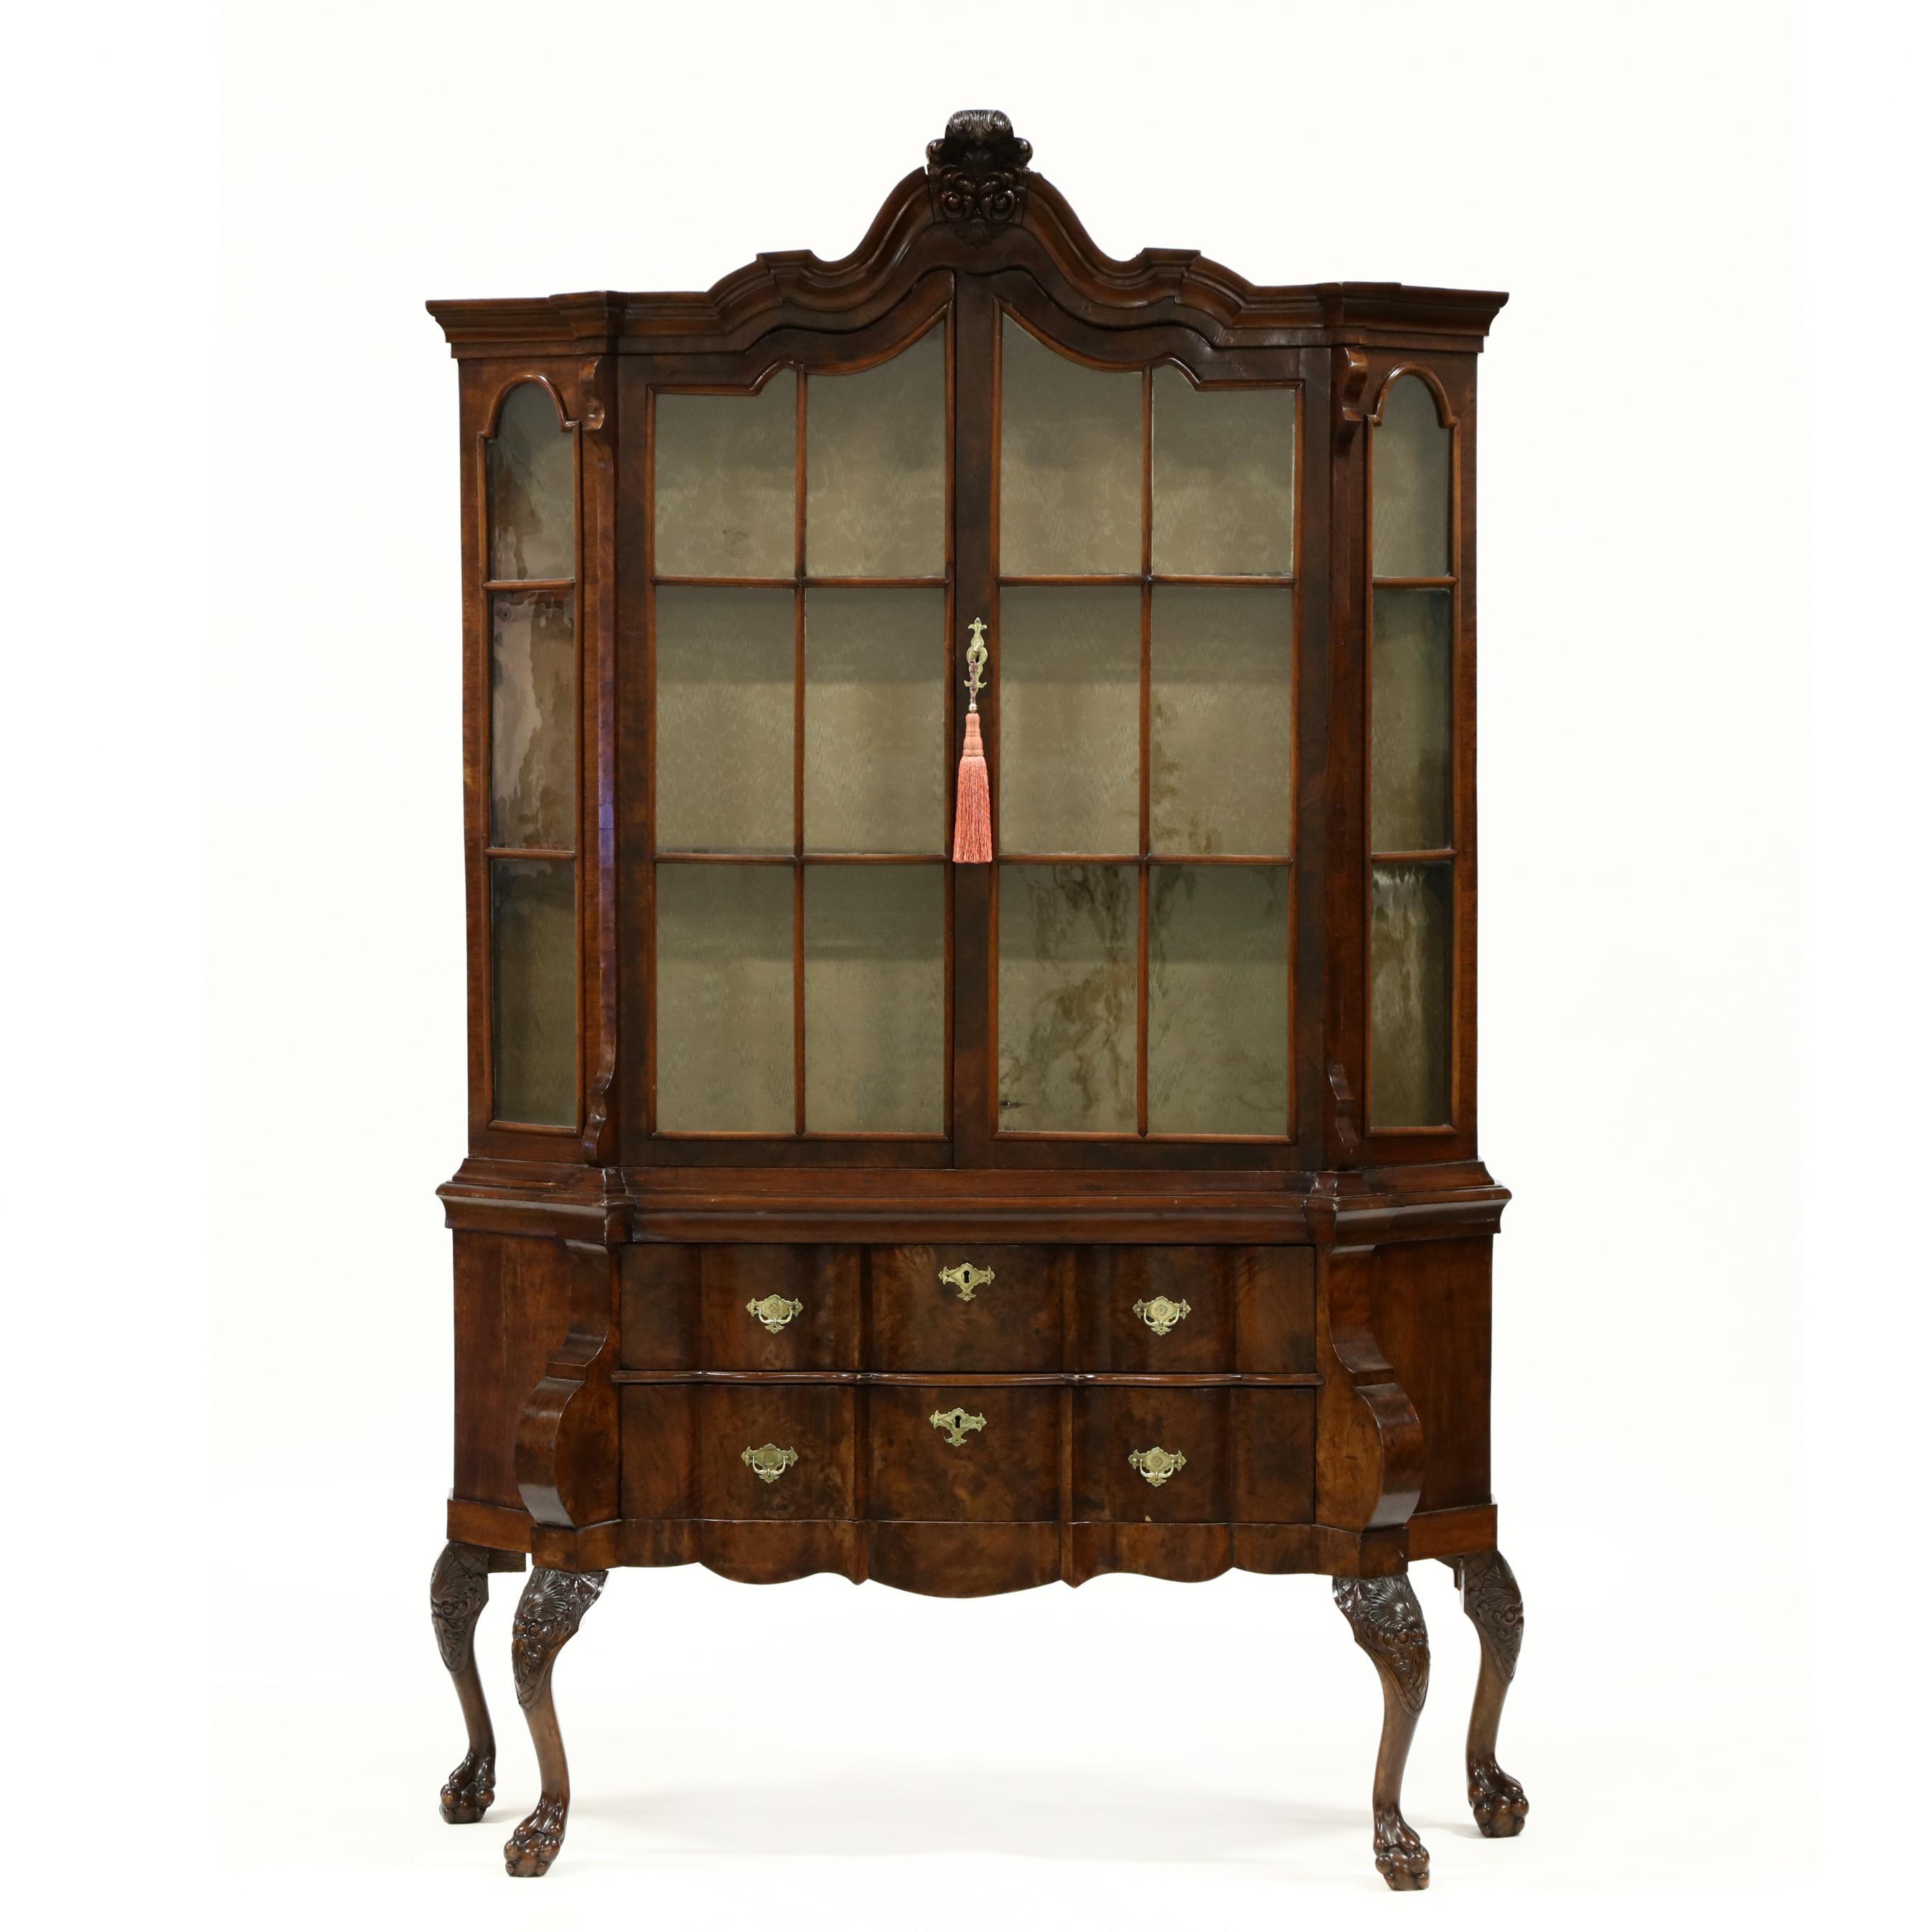 antique-baroque-style-burlwood-china-cabinet